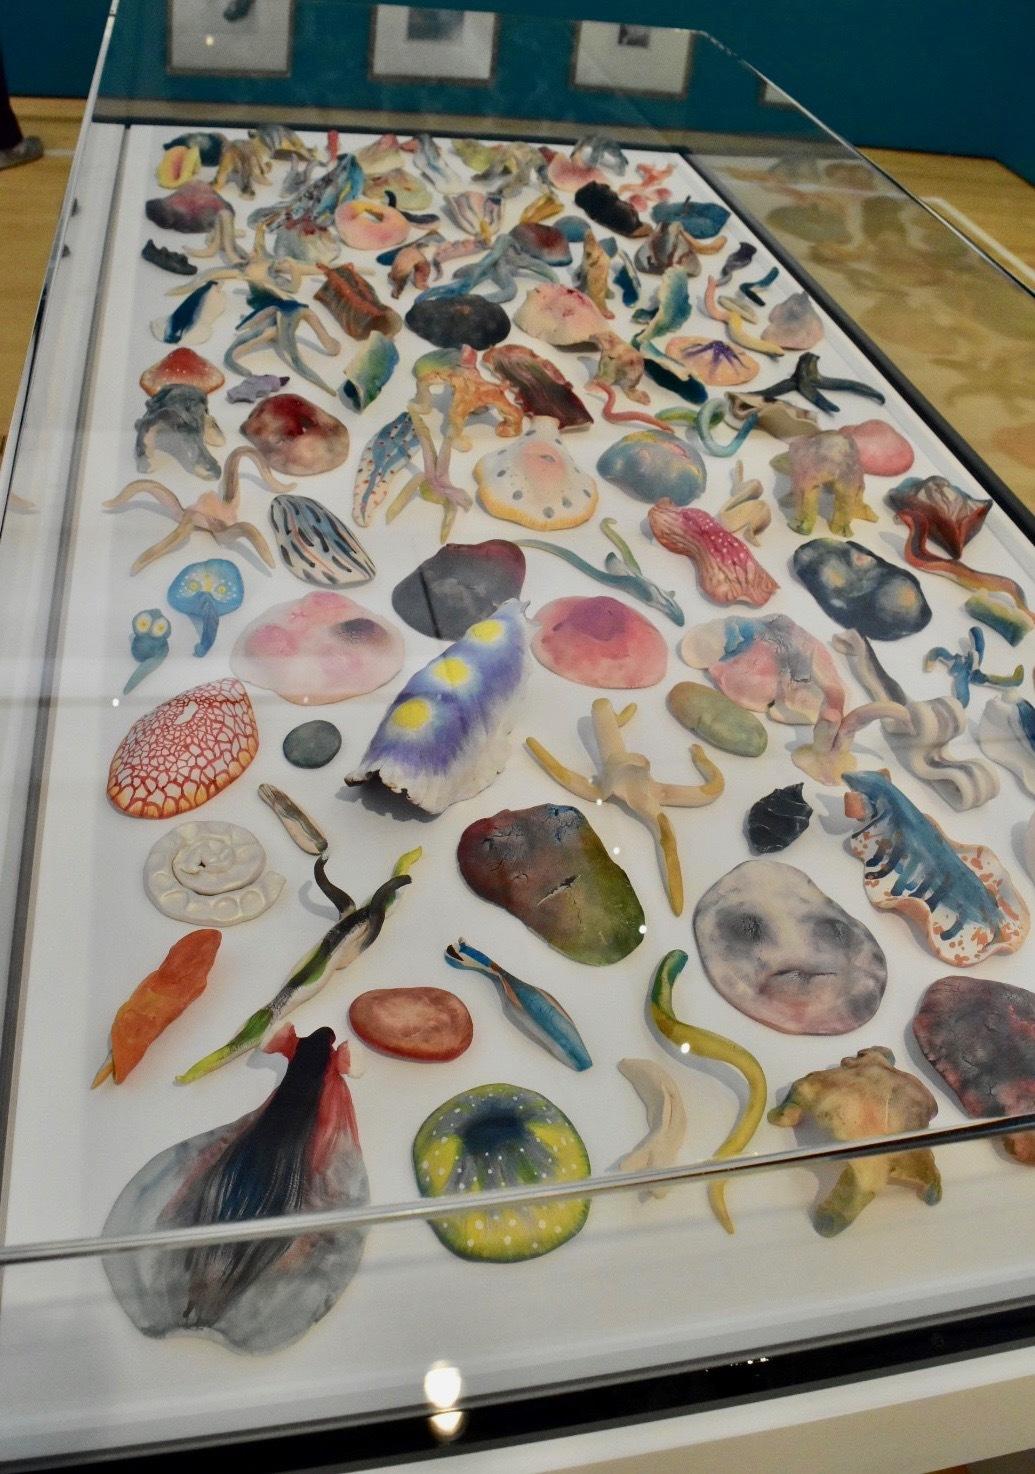 鴻池朋子 《素焼粘土》 2013年 素焼き粘土、水彩 ⓒ Tomoko Konoike